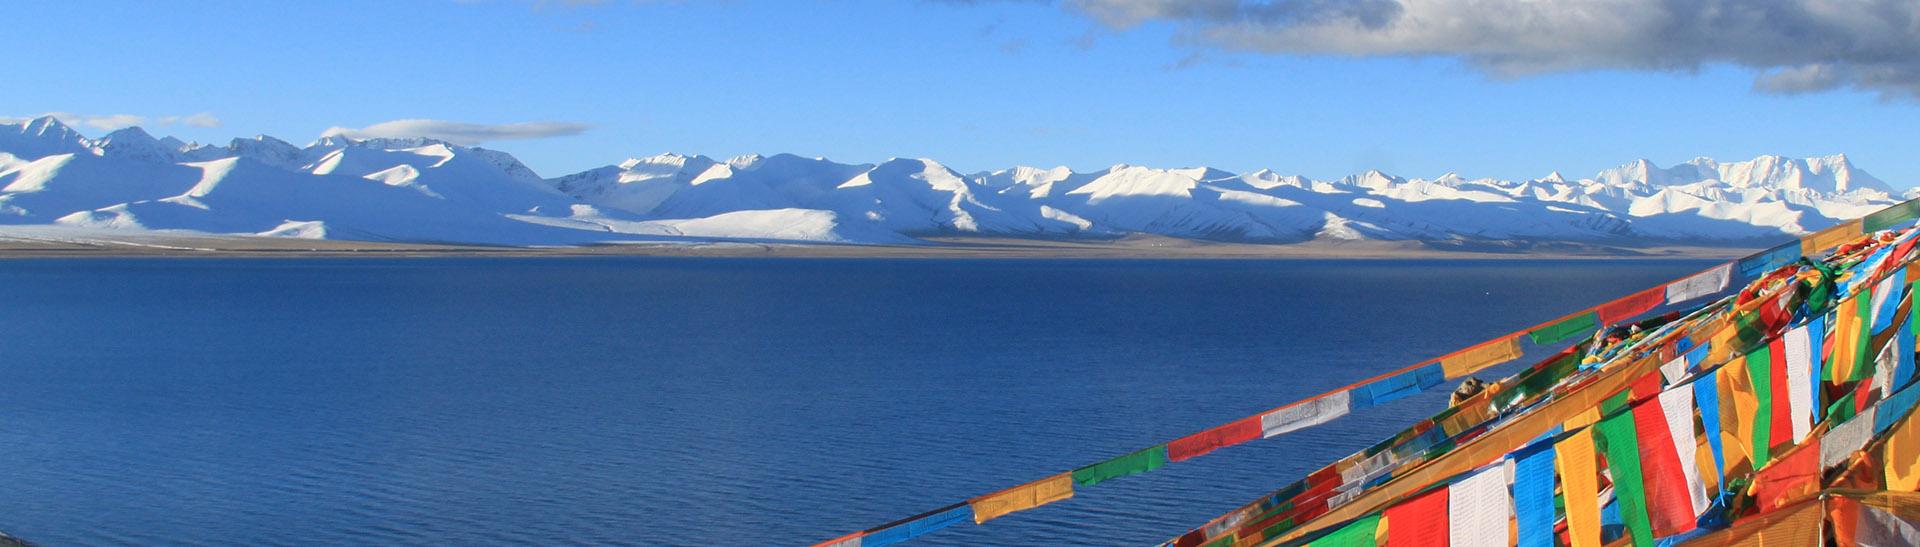 Top 10 Tibet Tours